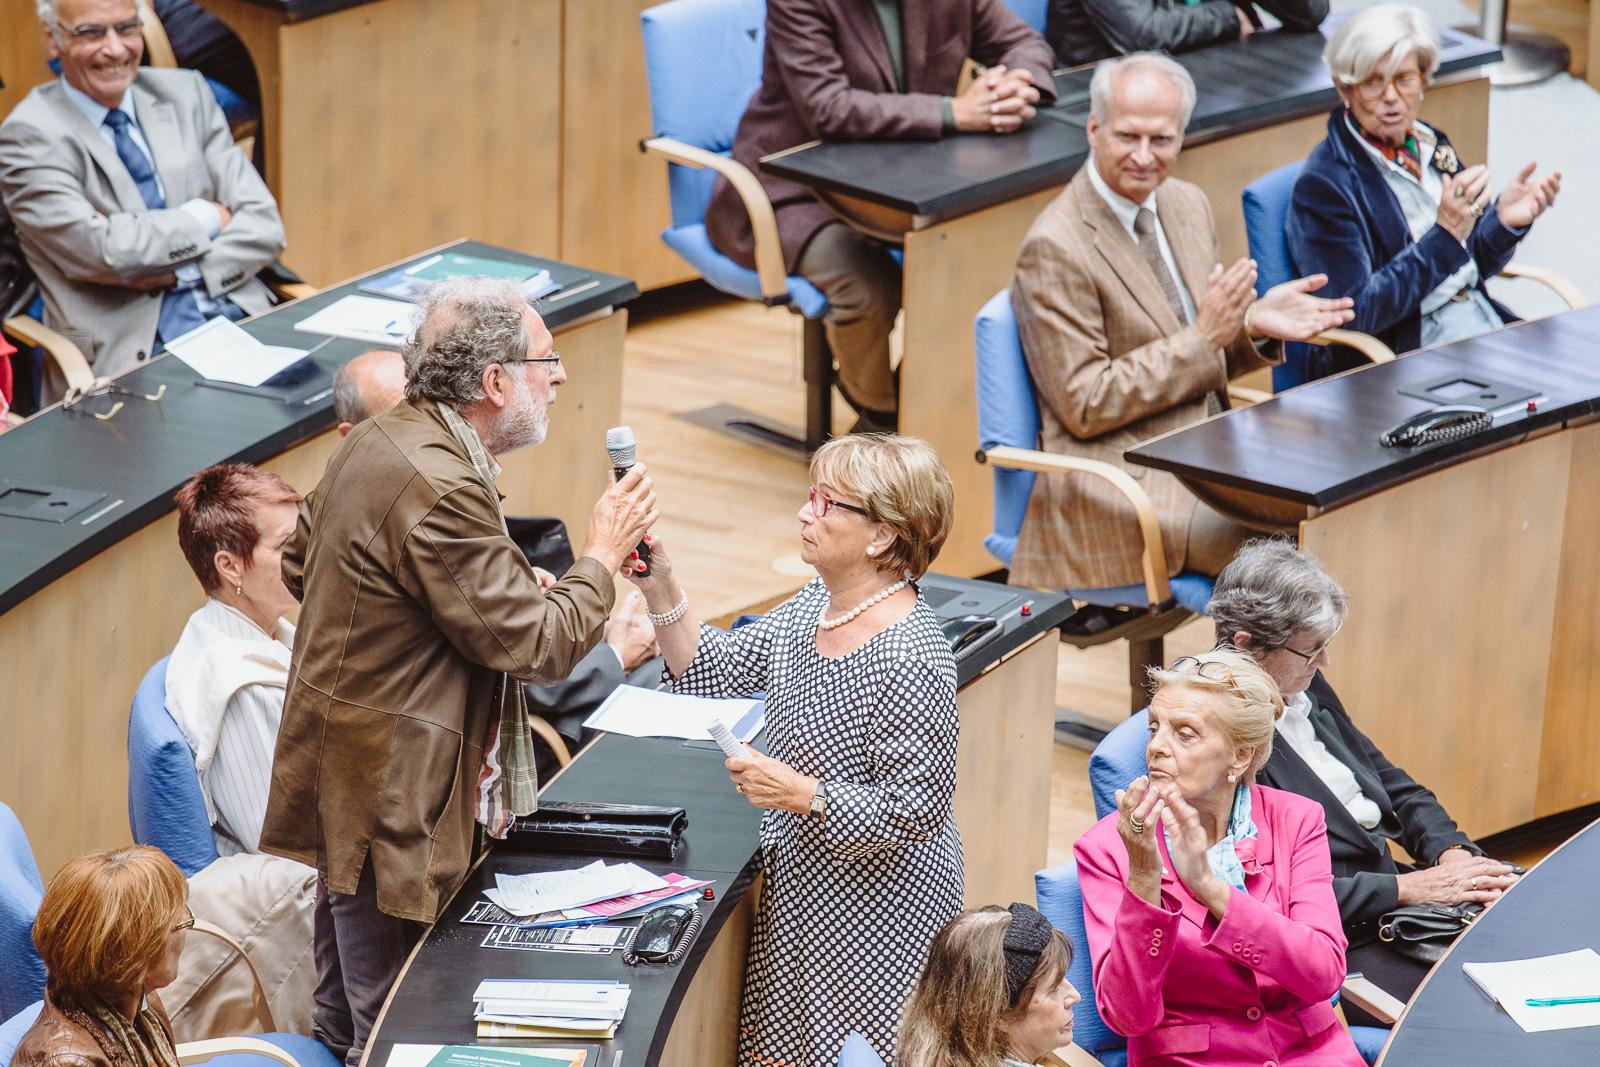 Konferenzfotografie - Gästemeinungen zu Politikeraussagen - Wasserwerkgespräch der Konrad-Adenauer-Stifung